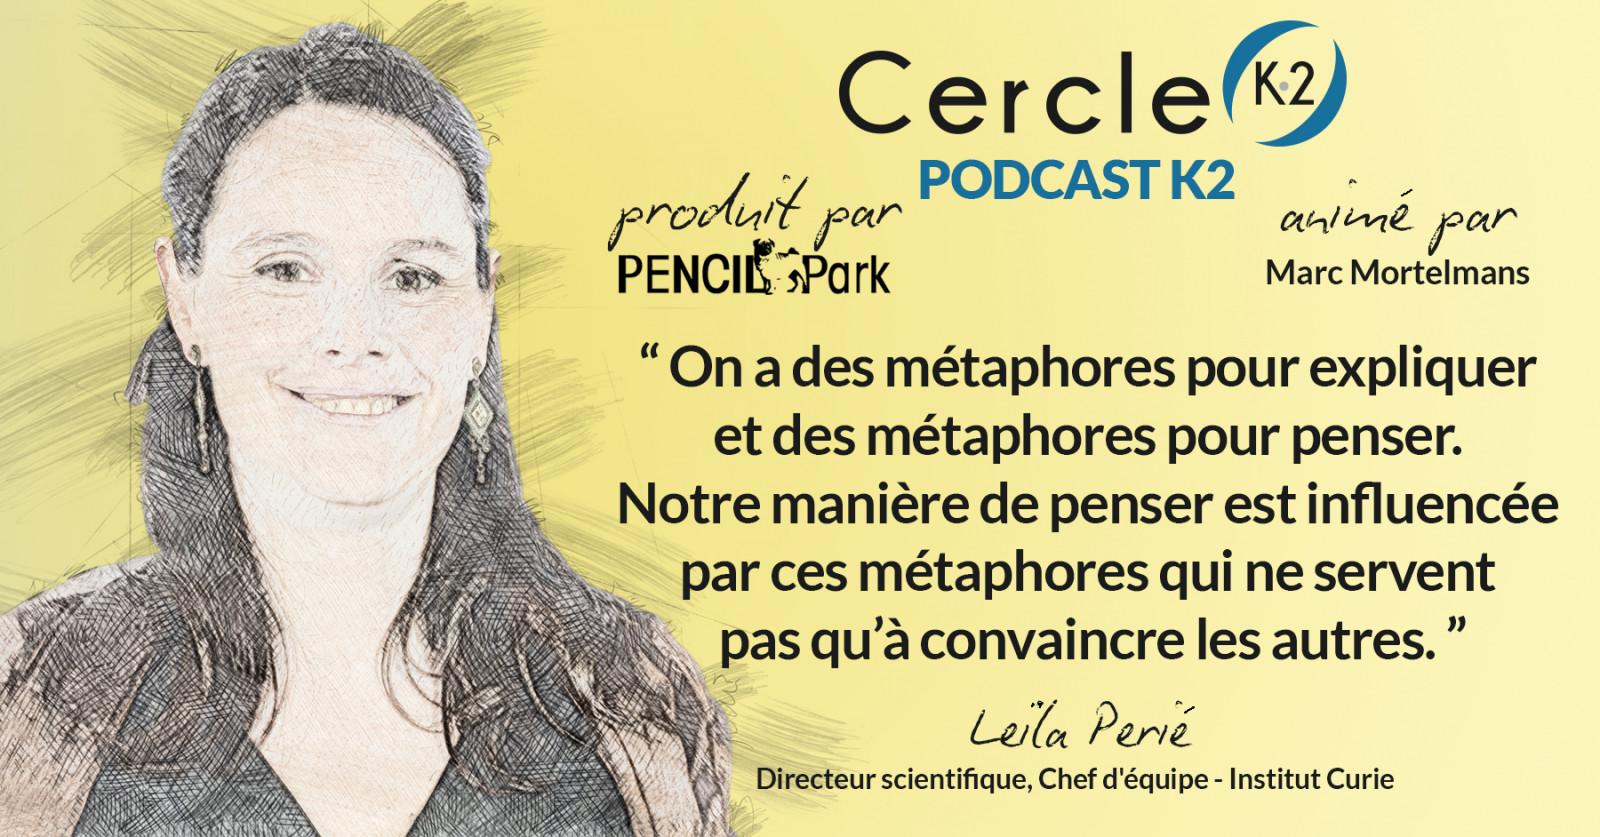 [Podcast K2] Episode 05 - Leïla Perié - Cercle K2